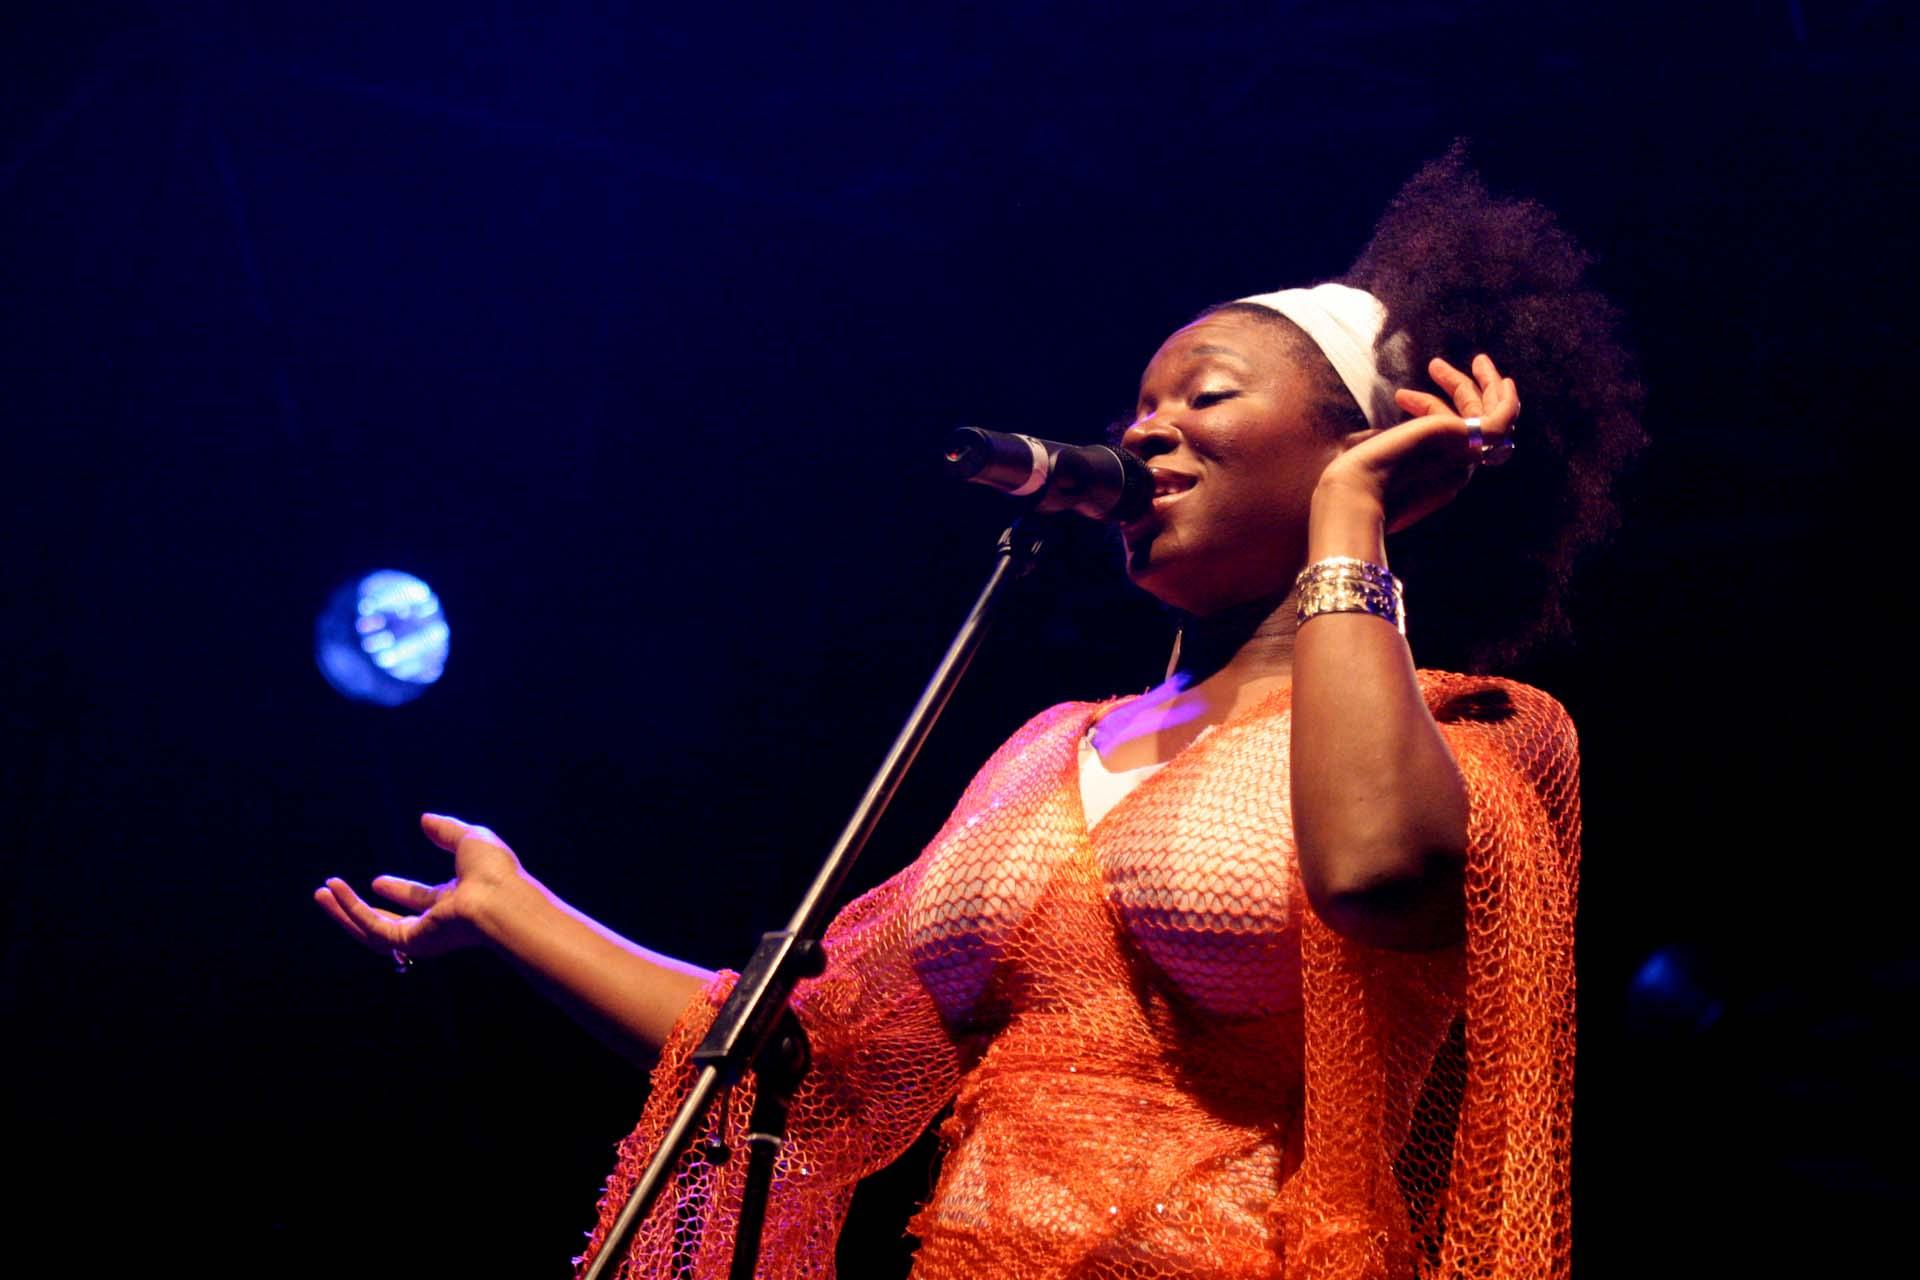 Das Stimmenfestival 2007 im Wenkenpark in Riehen mit India Arie